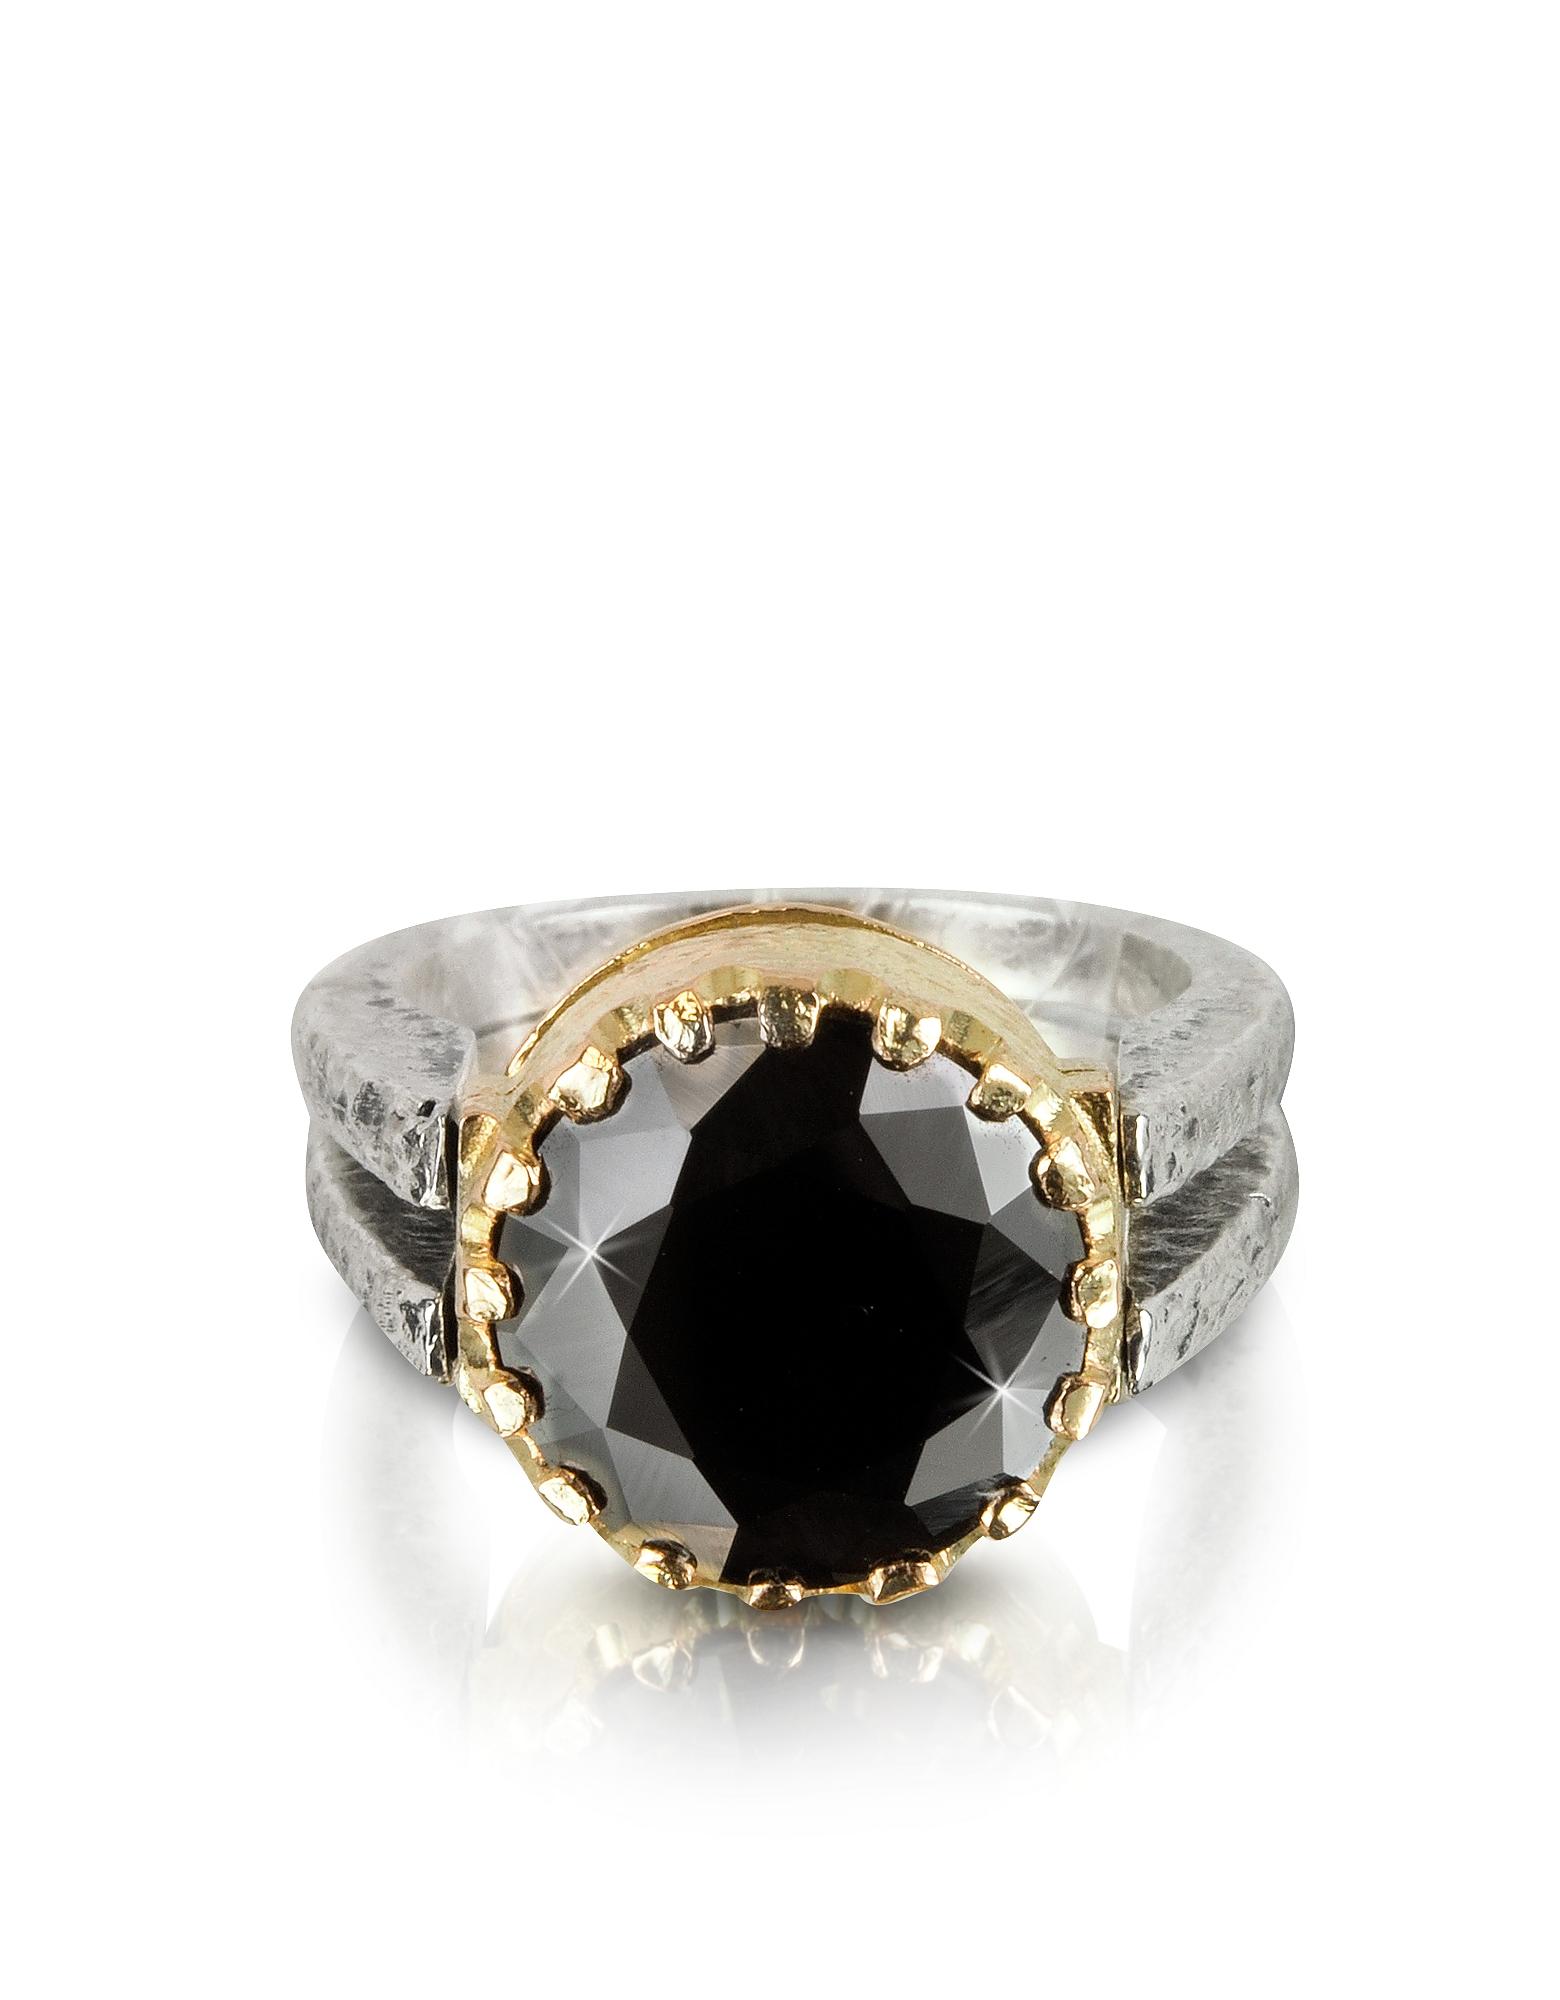 Tryo Кольцо из Серебра 925 пробы и Розового Золота с Черным Кубиком Циркония